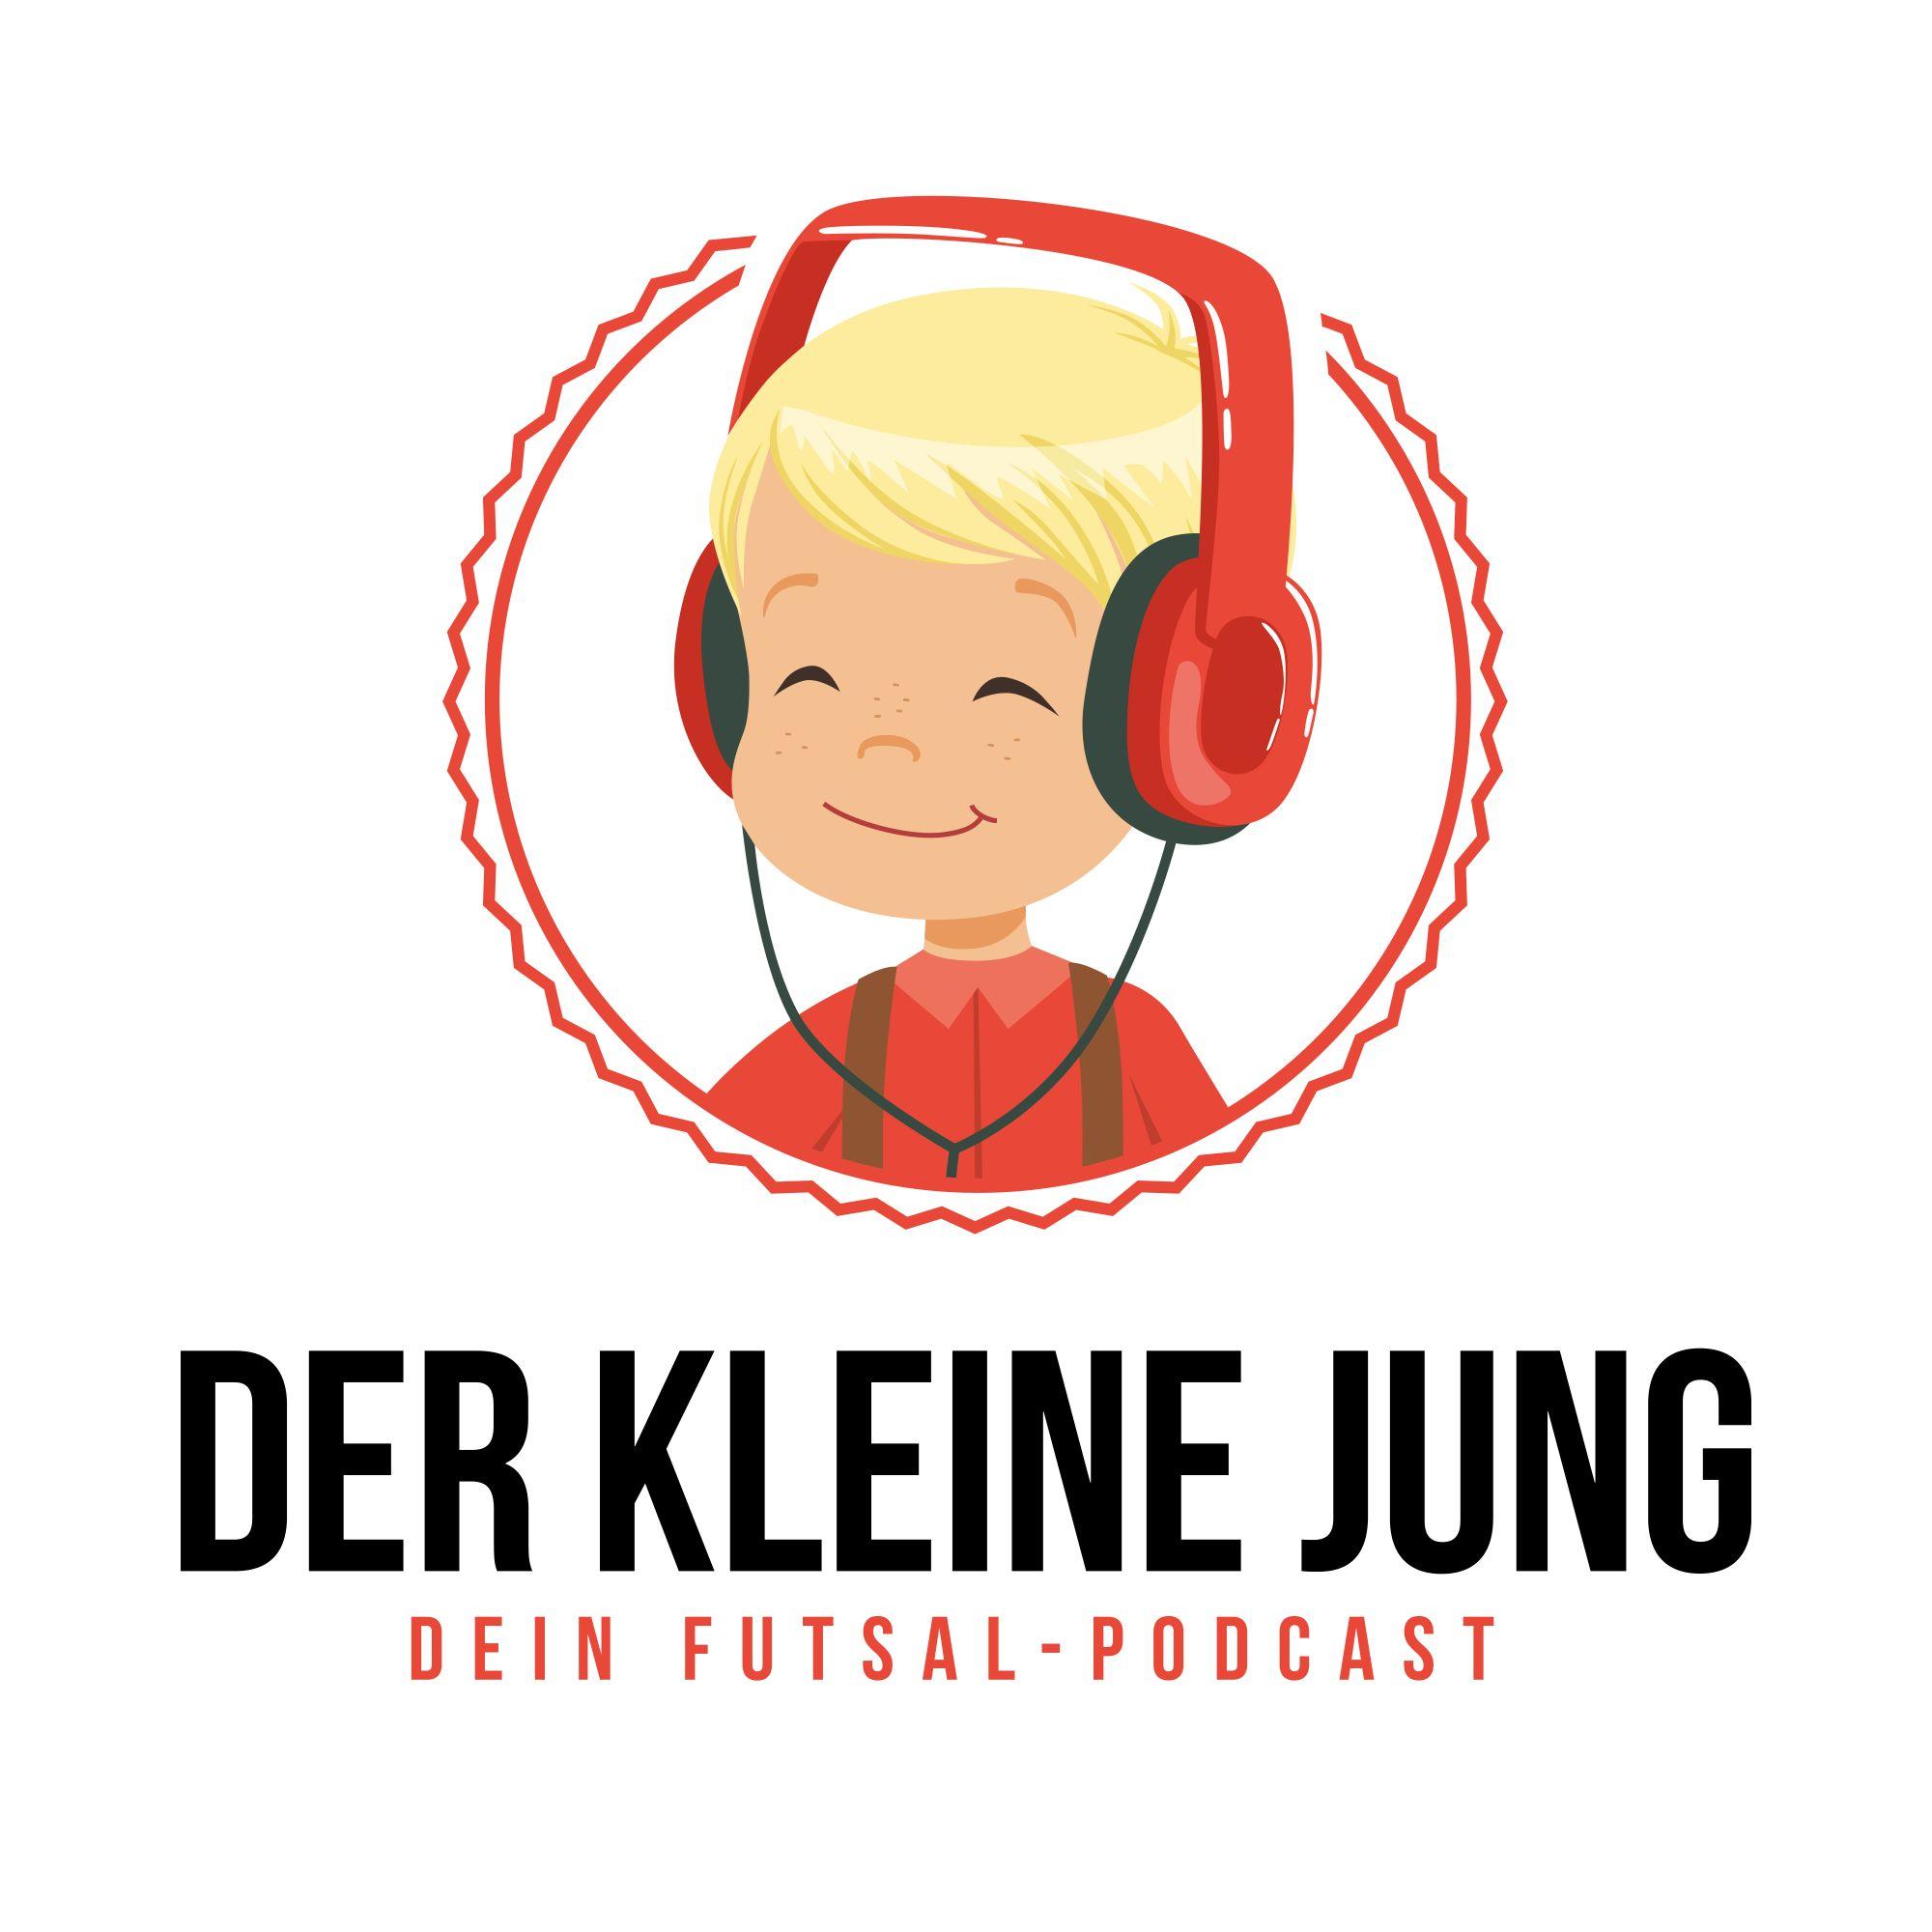 Der Kleine Jung - Dein Futsal-Podcast